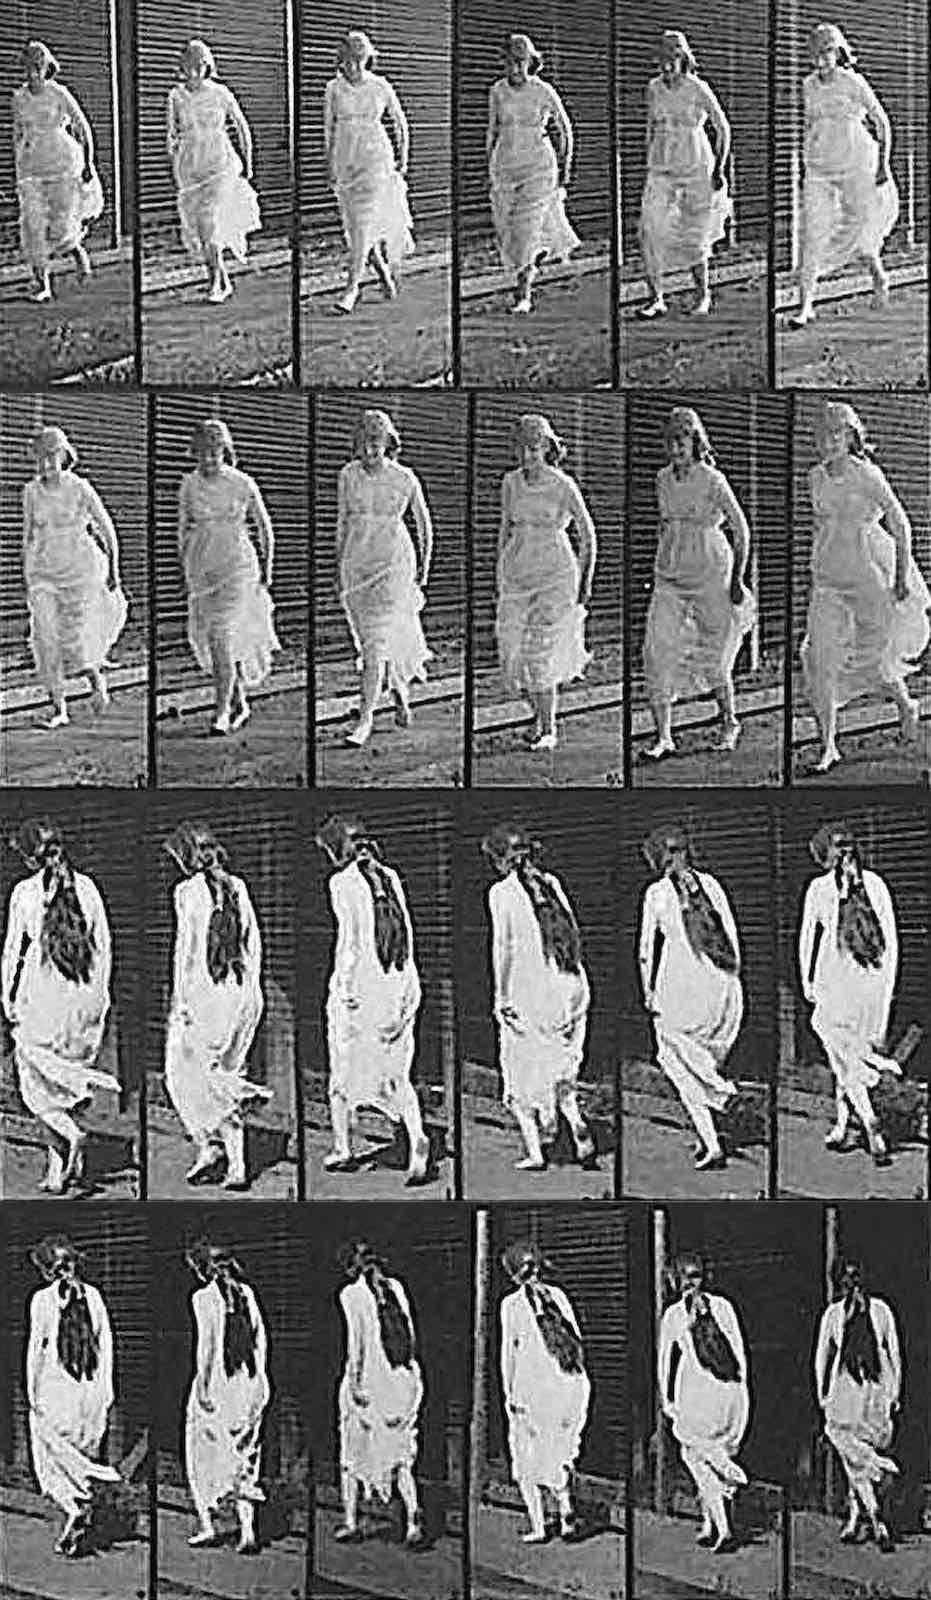 a study of a woman walking by early photographer Eadweard Muybridge